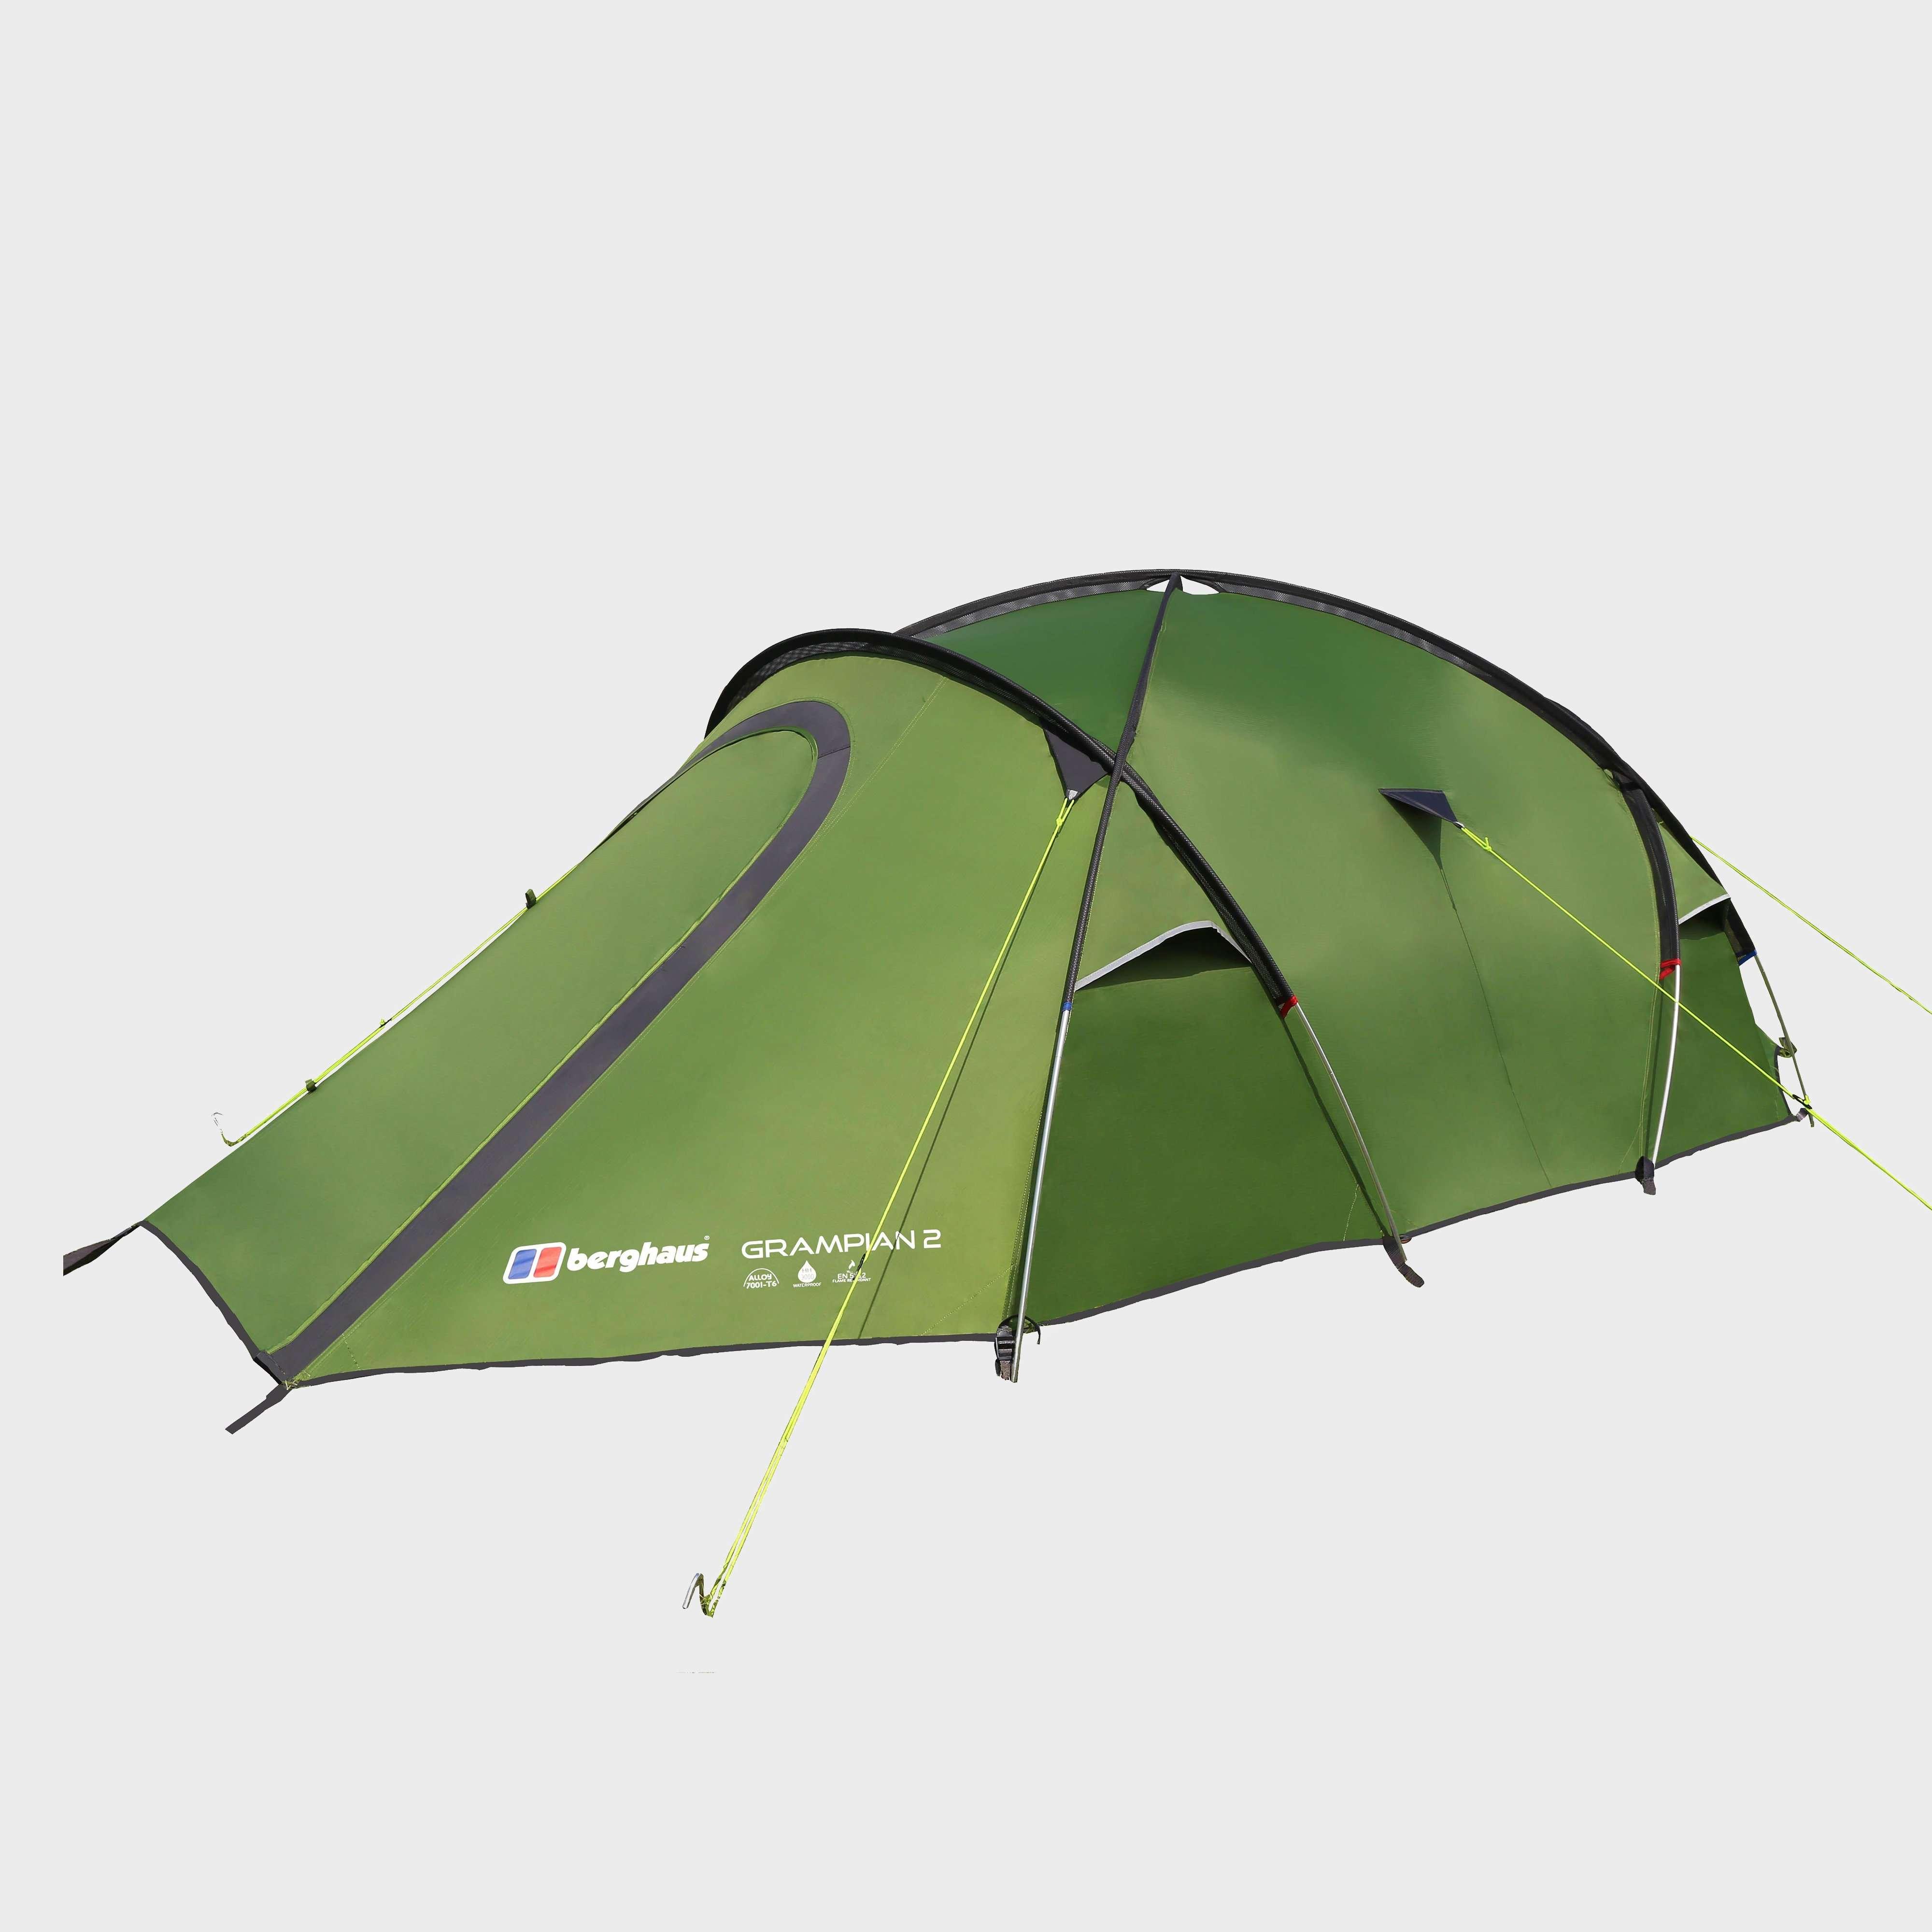 BERGHAUS Grampian 2 Man Tent